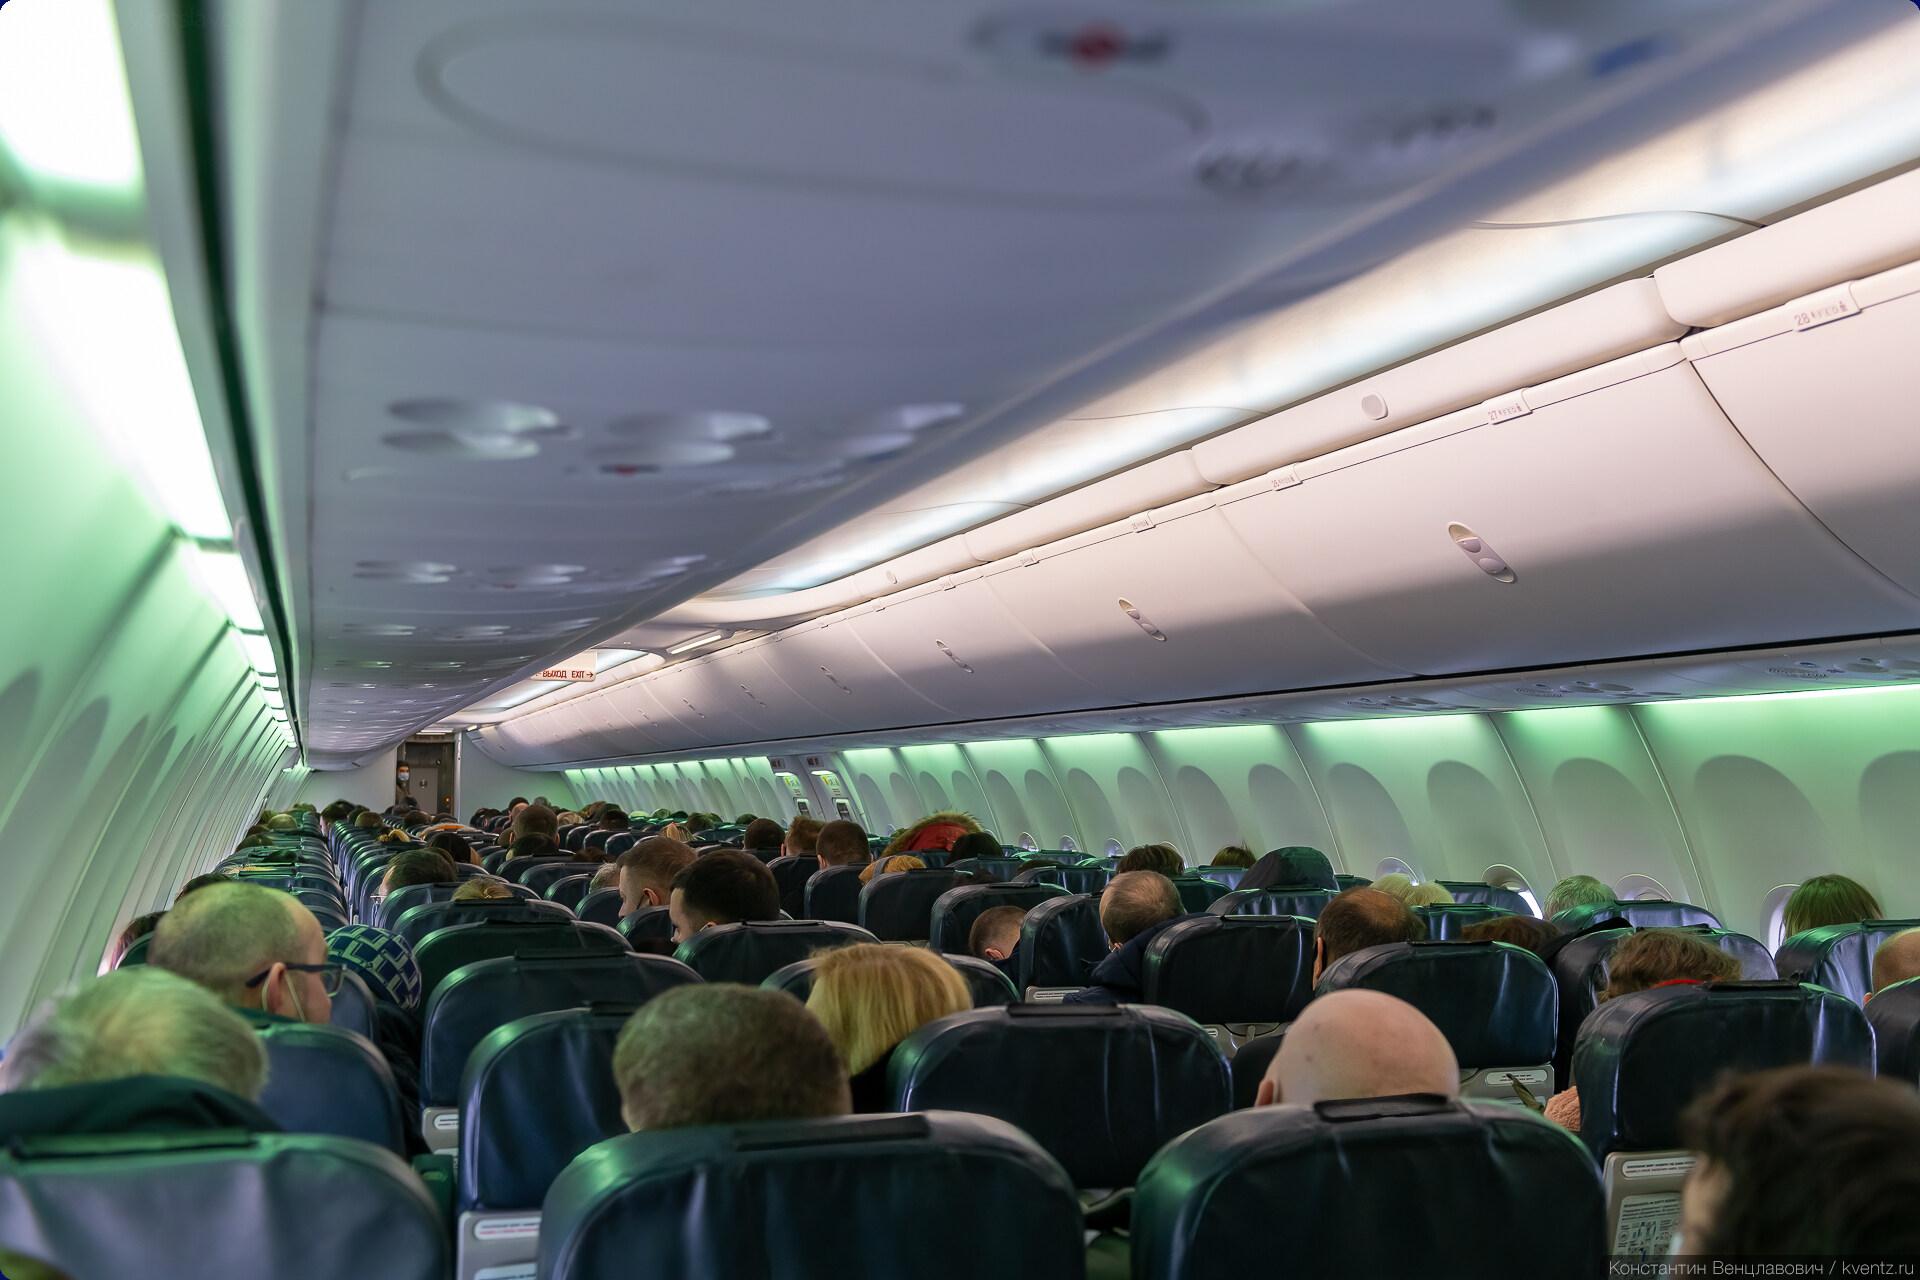 05. На каждом этапе полёта в разное время суток —своя подсветка салона. У «Победы» днём на эшелоне свой собственный фирменный сценарий подсветки Pobeda Green.